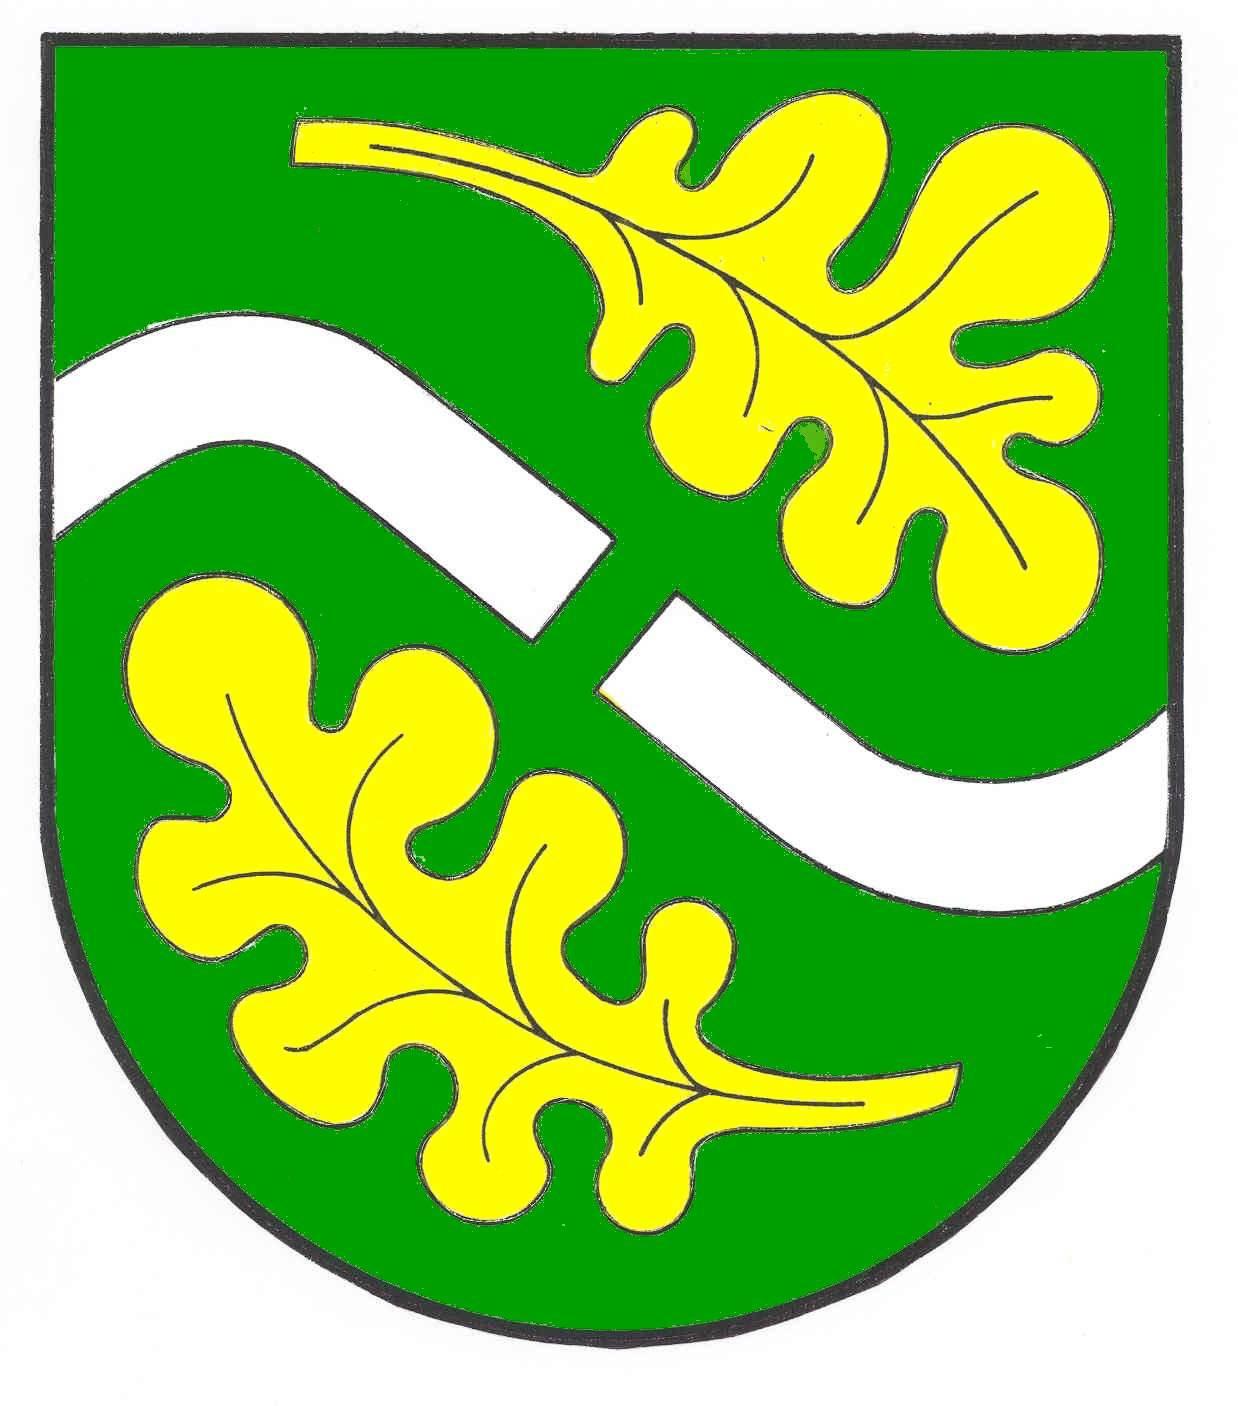 Wappen GemeindeFrestedt, Kreis Dithmarschen